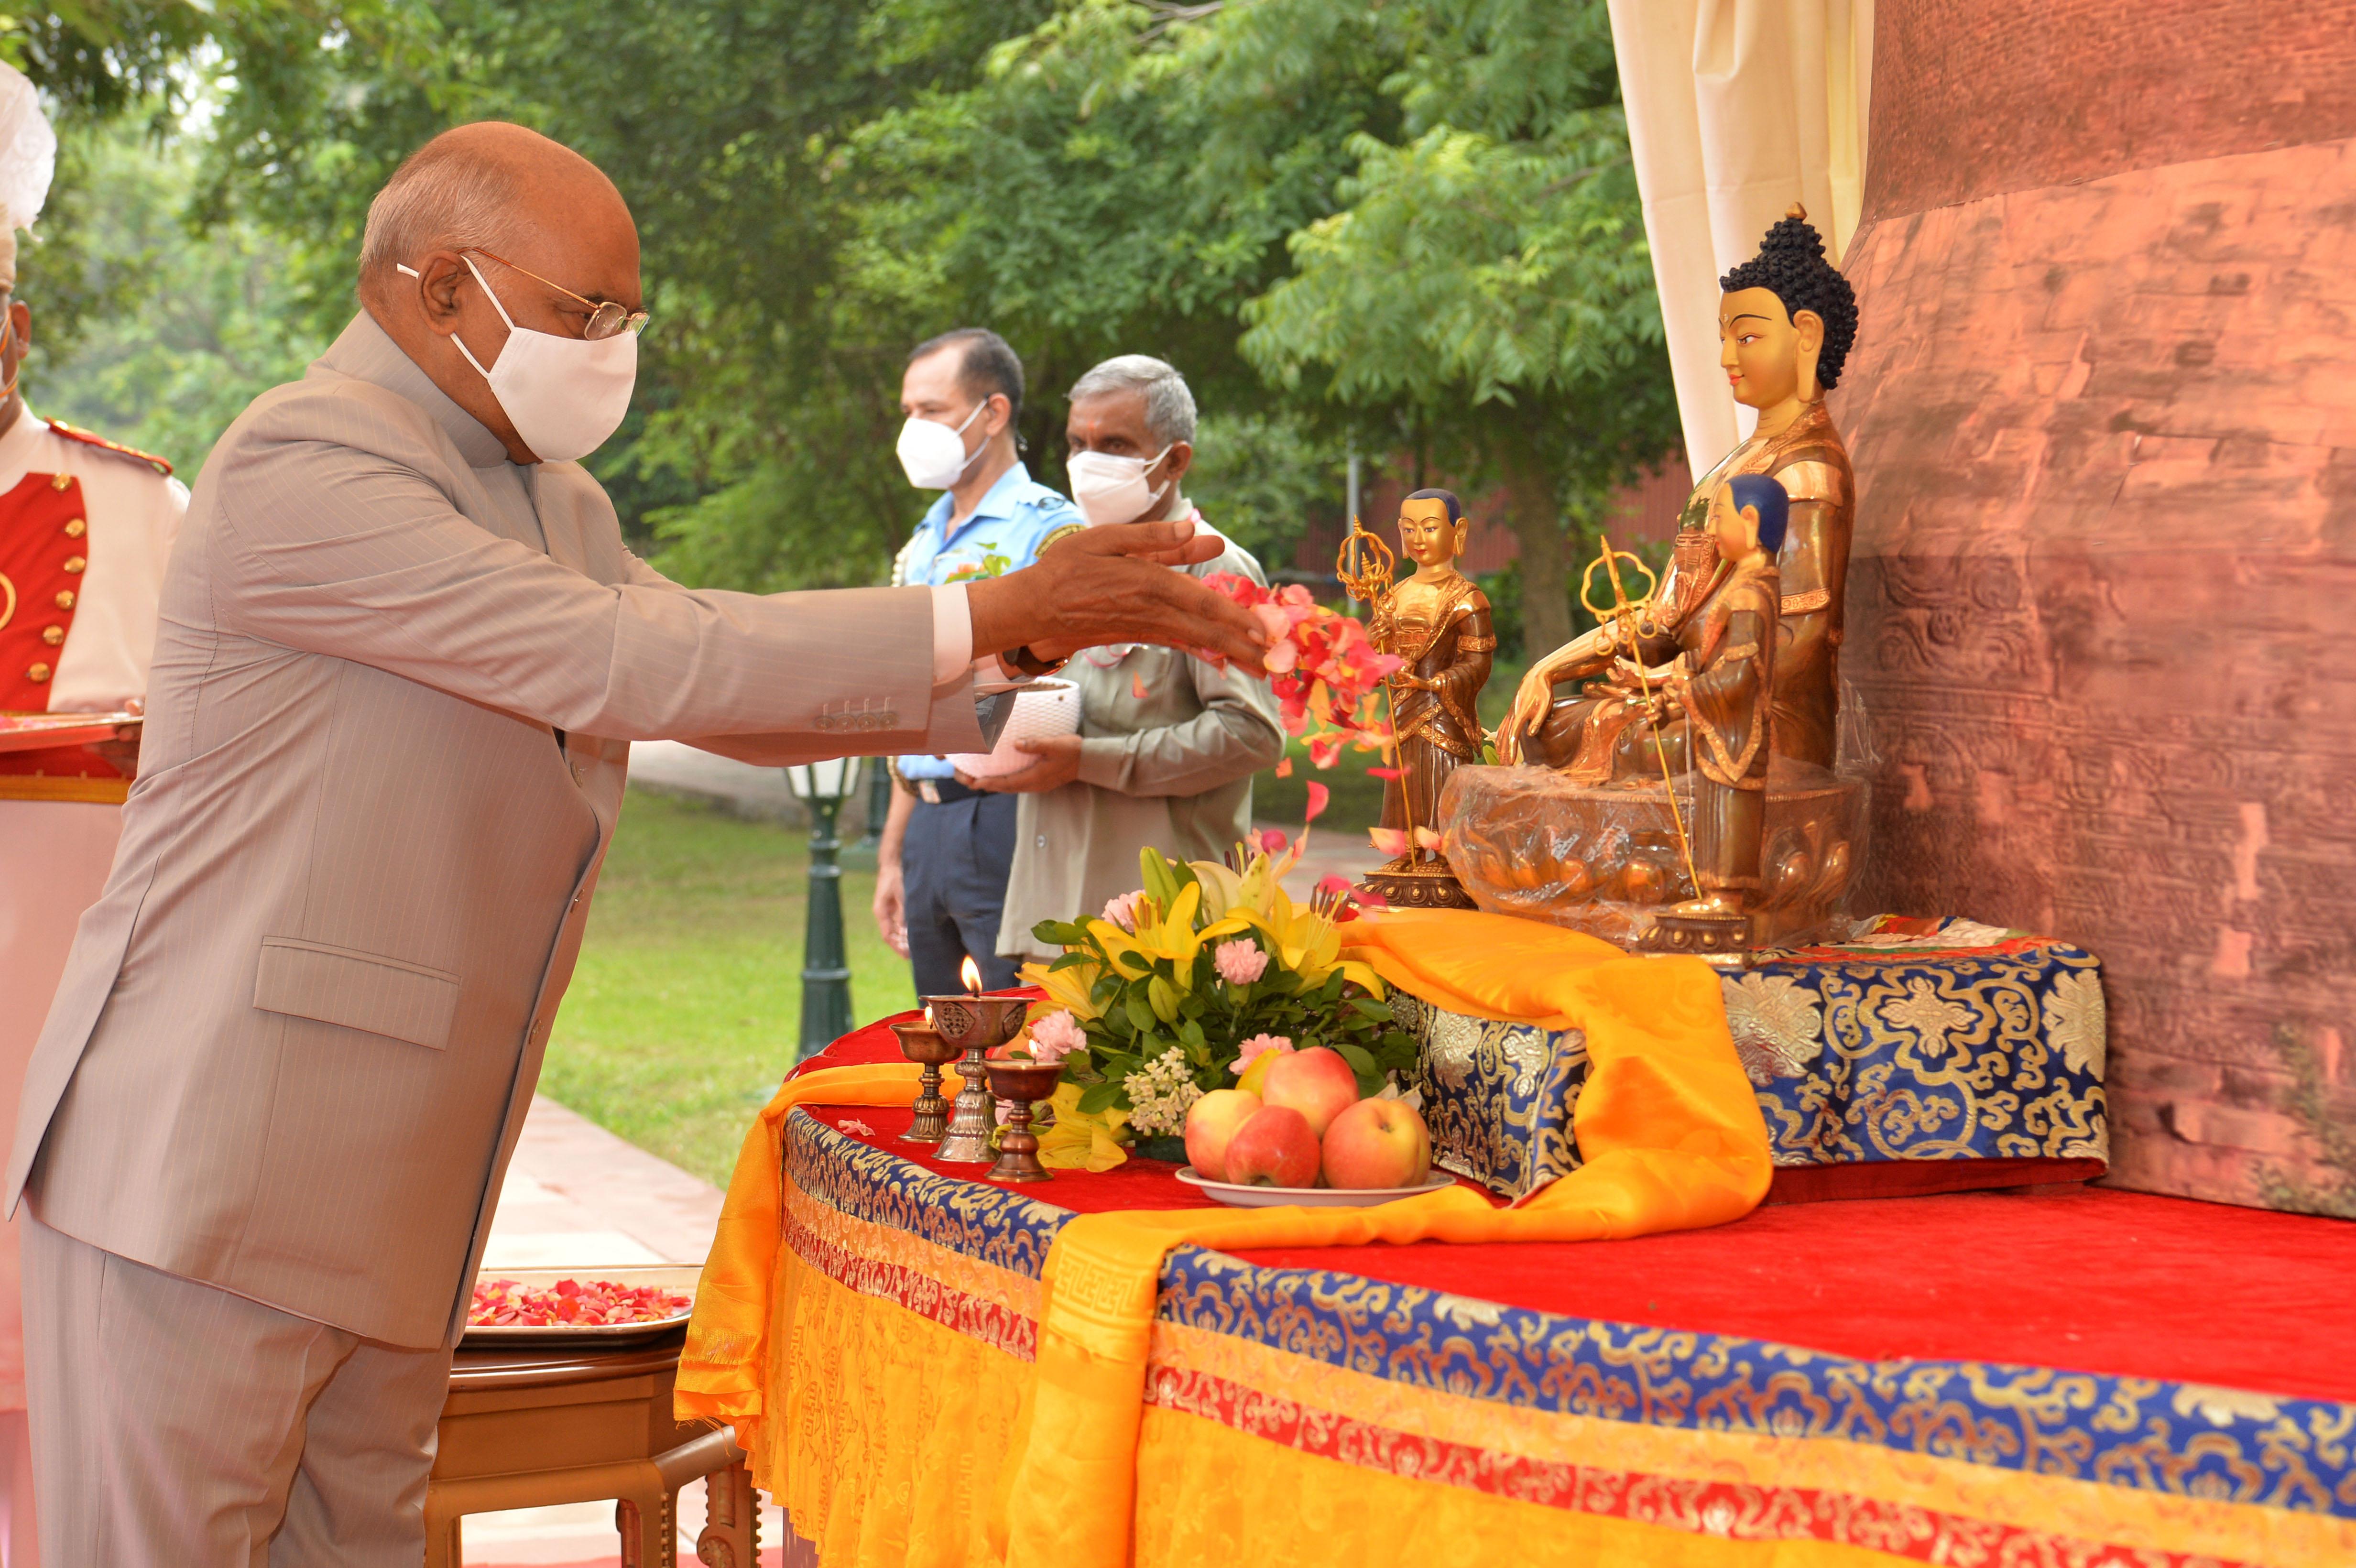 राष्ट्रपति ने अंतर्राष्ट्रीय बौद्ध परिसंघ द्वारा आयोजित वार्षिक आषाढ़ पूर्णिमा-धम्म चक्र दिवस को संबोधित किया